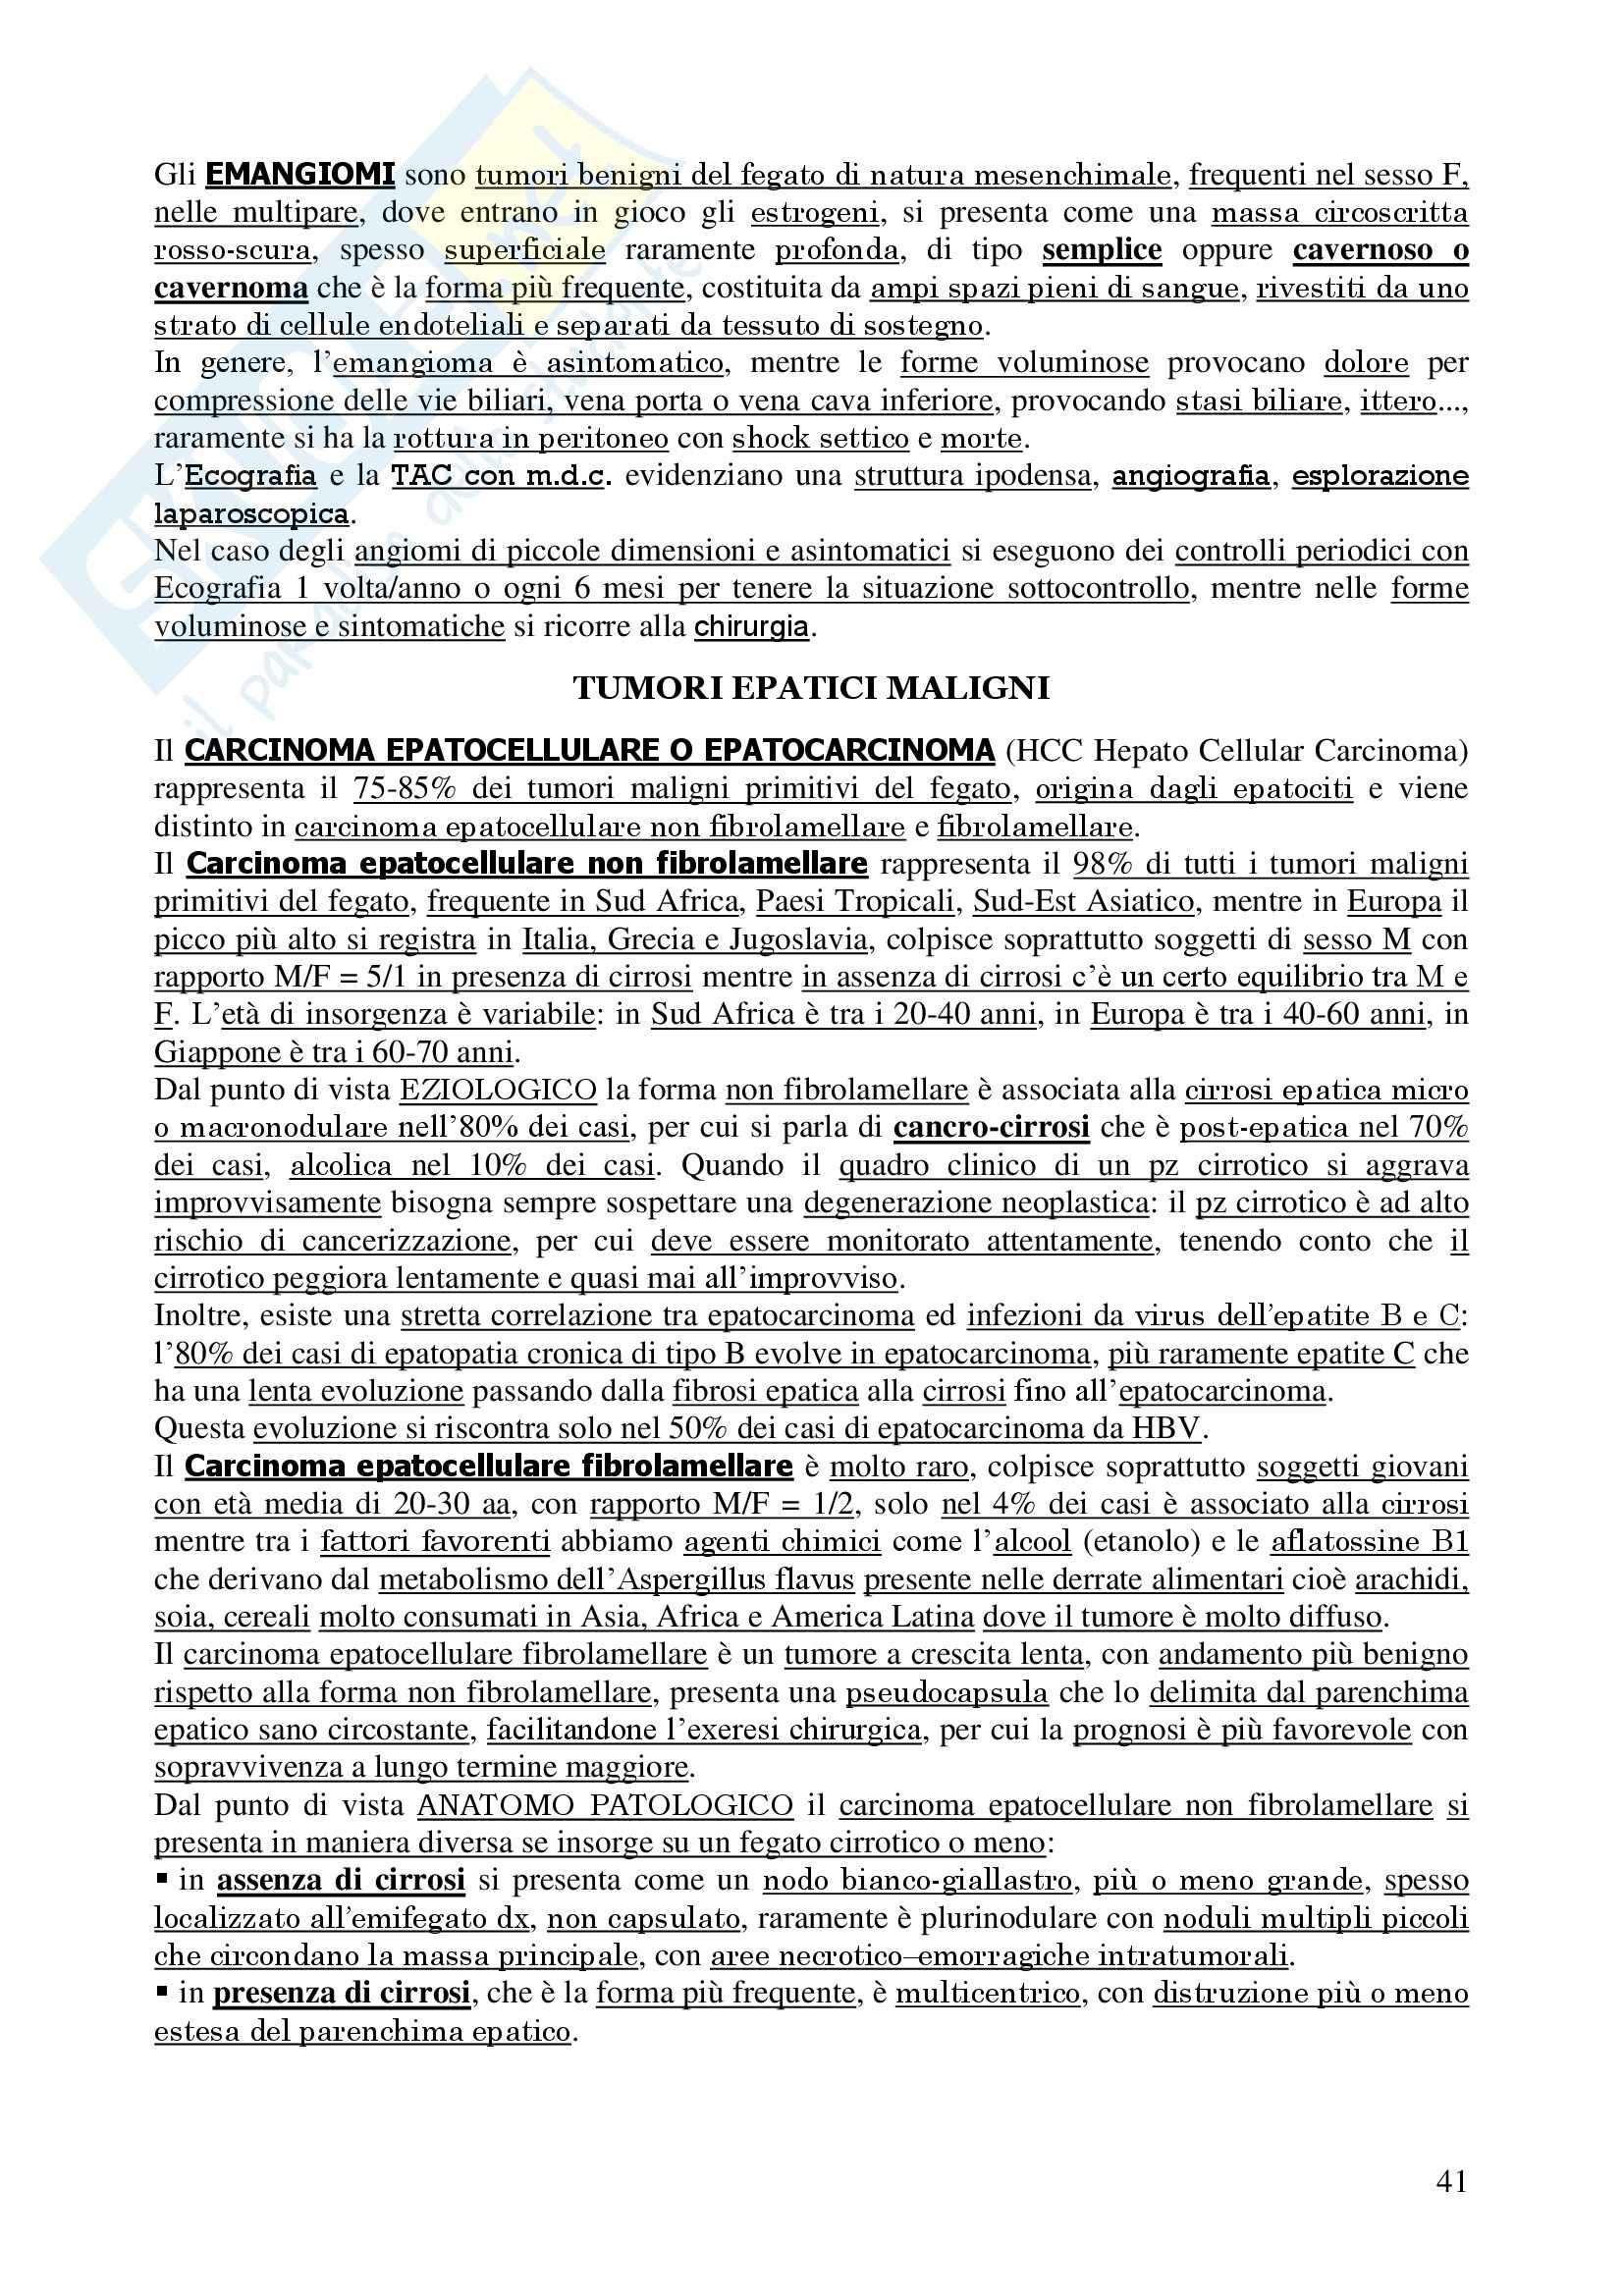 Chirurgia - chirurgia generale - Appunti Pag. 41